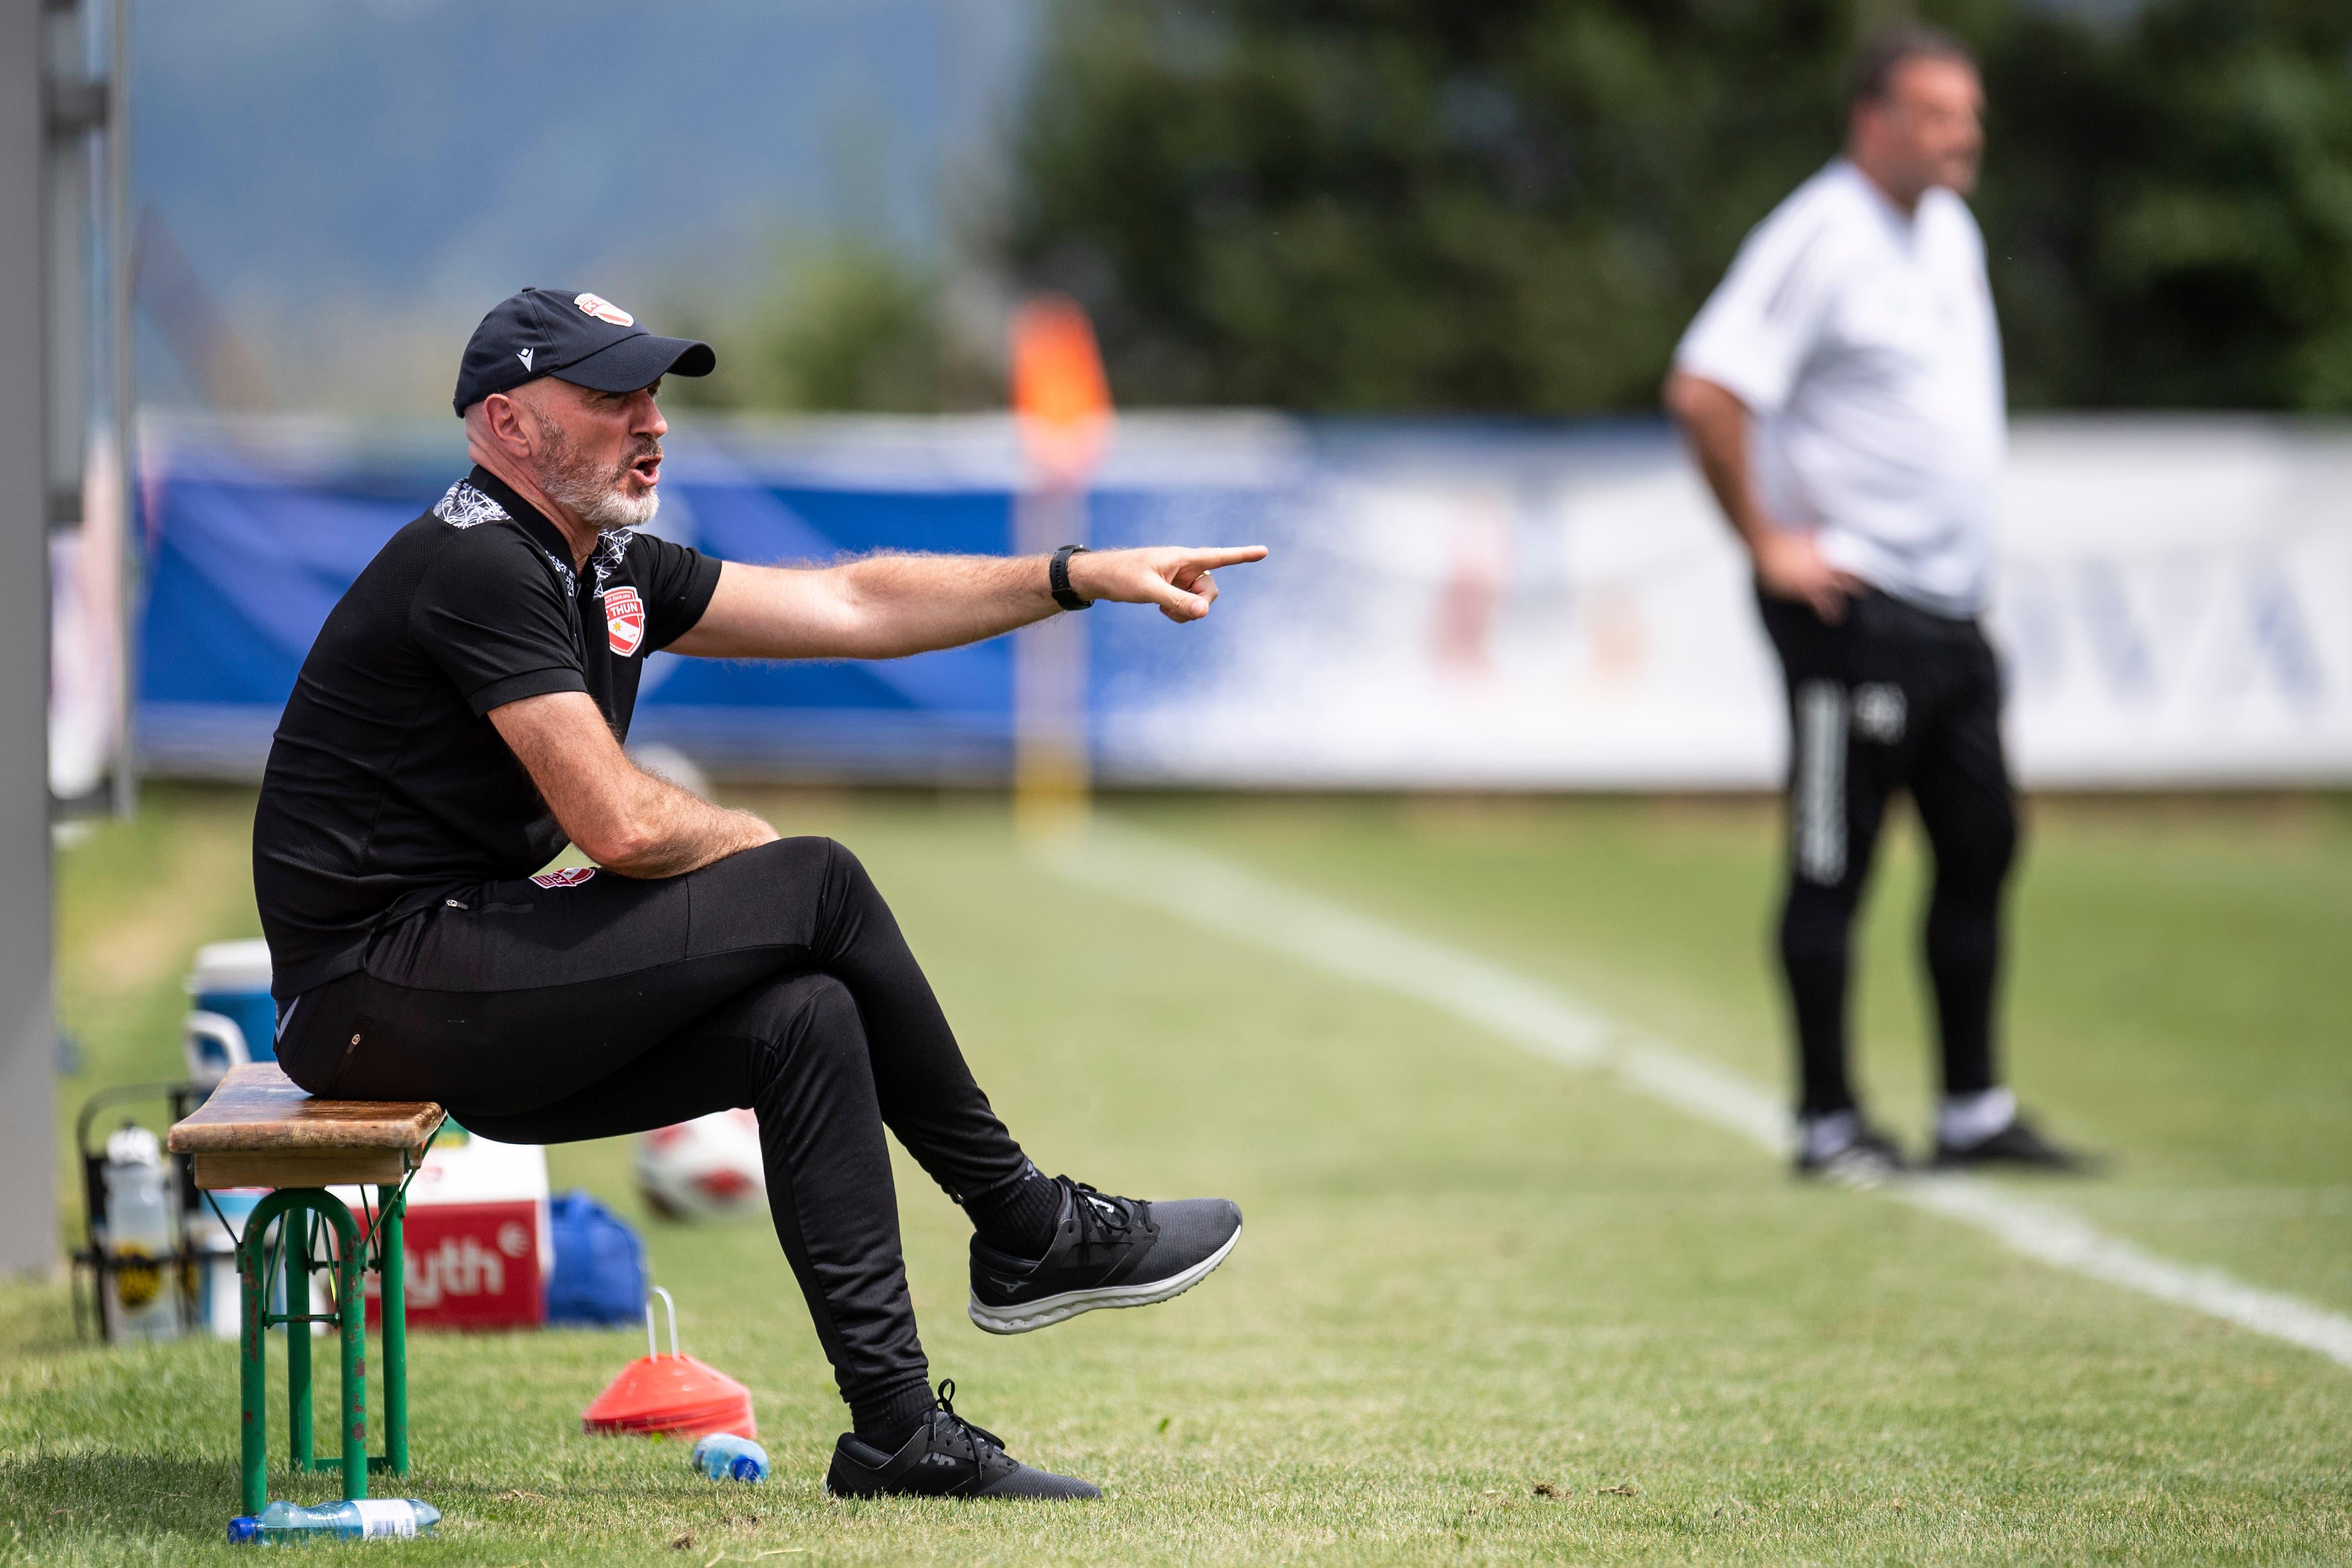 Thun-Trainer Carols Bernegger nimmt das Spiel gelassen. Kollege Patrick Rahmen (im Hintergrund) schaut lieber stehend zu.